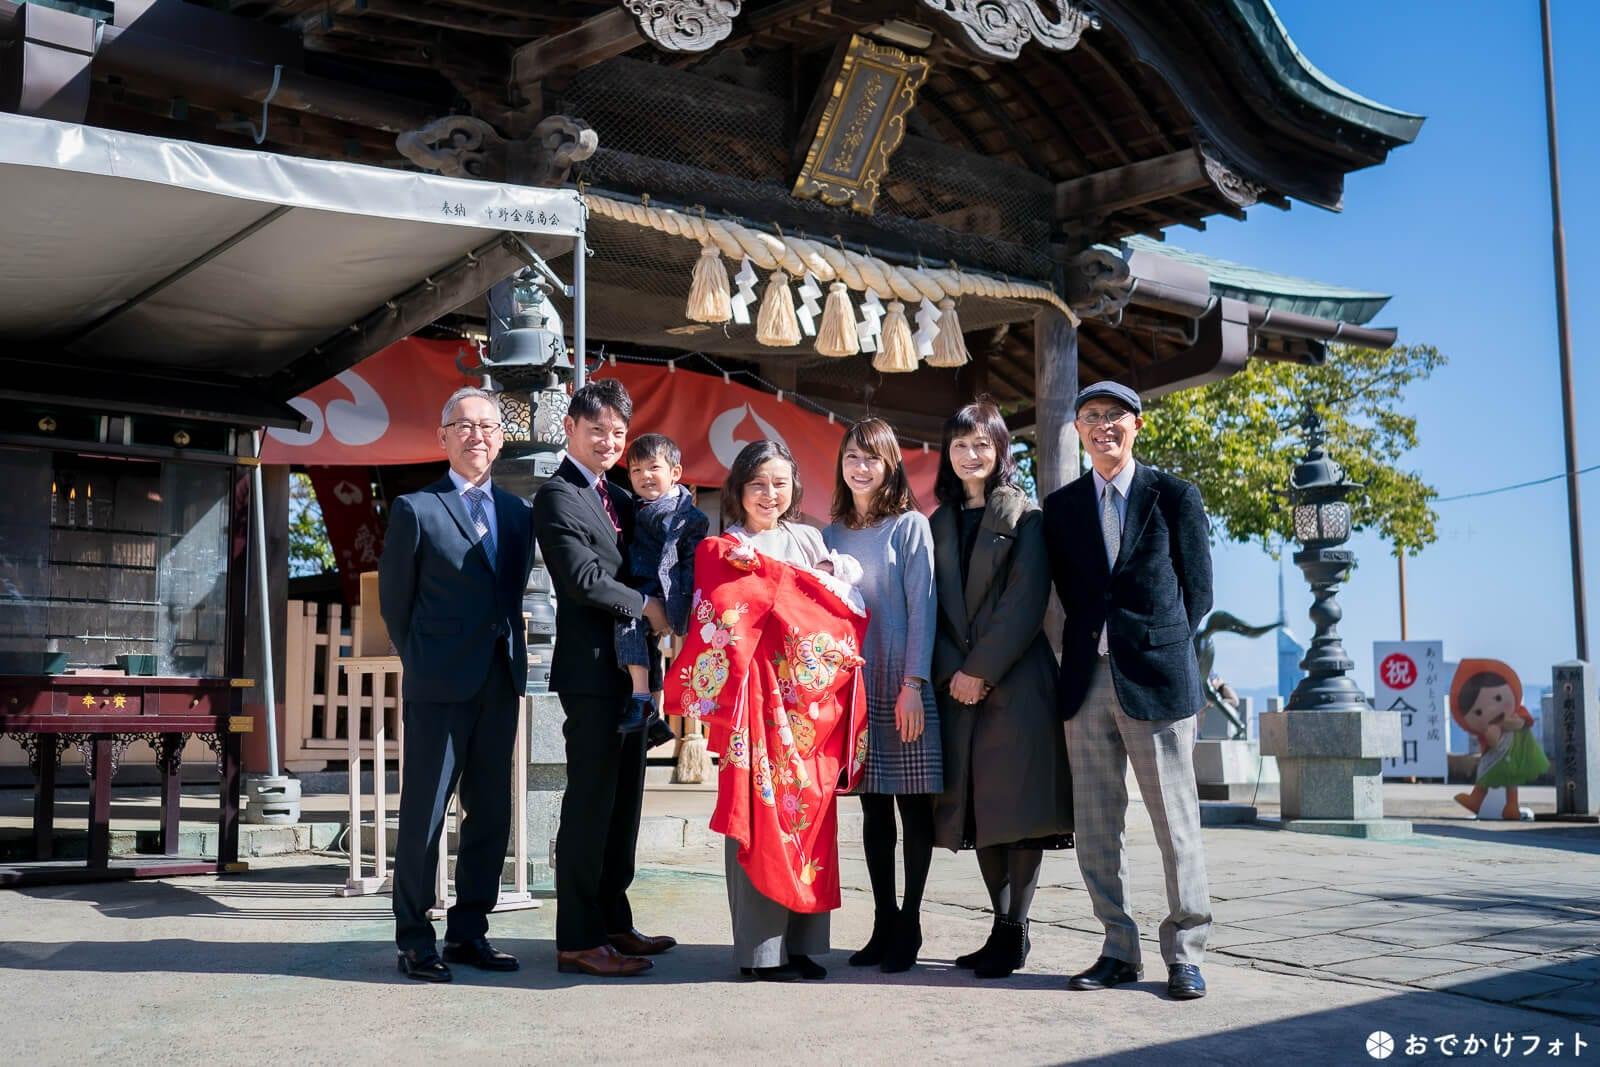 福岡愛宕神社 七五三やお宮参りで人気の神社